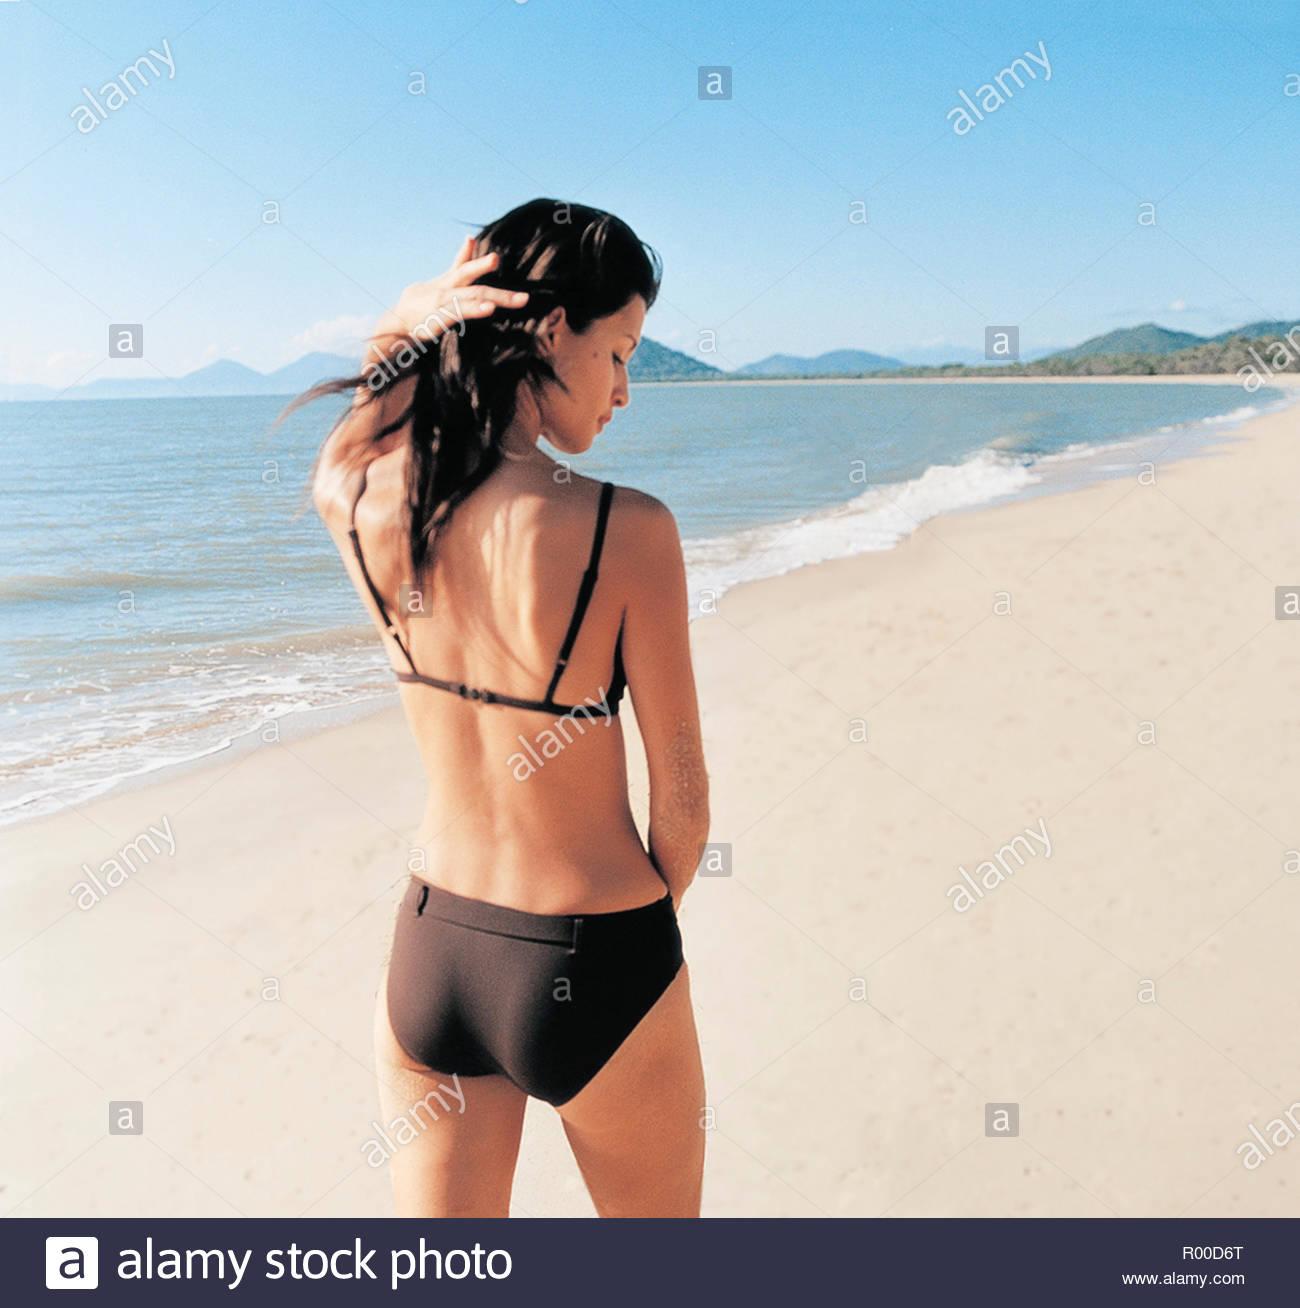 Woman wearing black bikini on beach Stock Photo